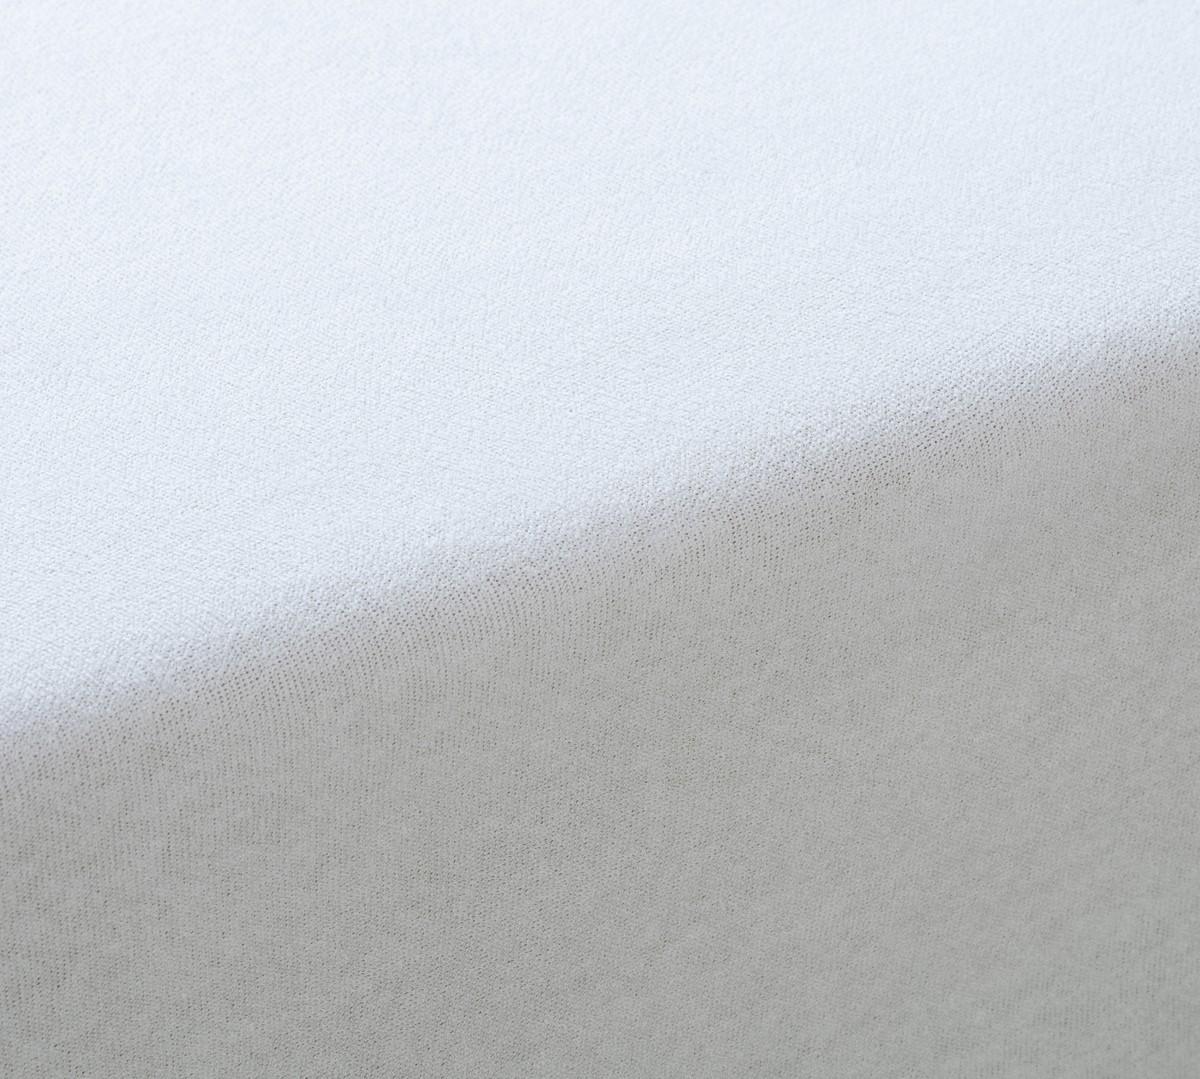 Funda de Colchón Rizo Elástico de Algodón - Fundas de colchón